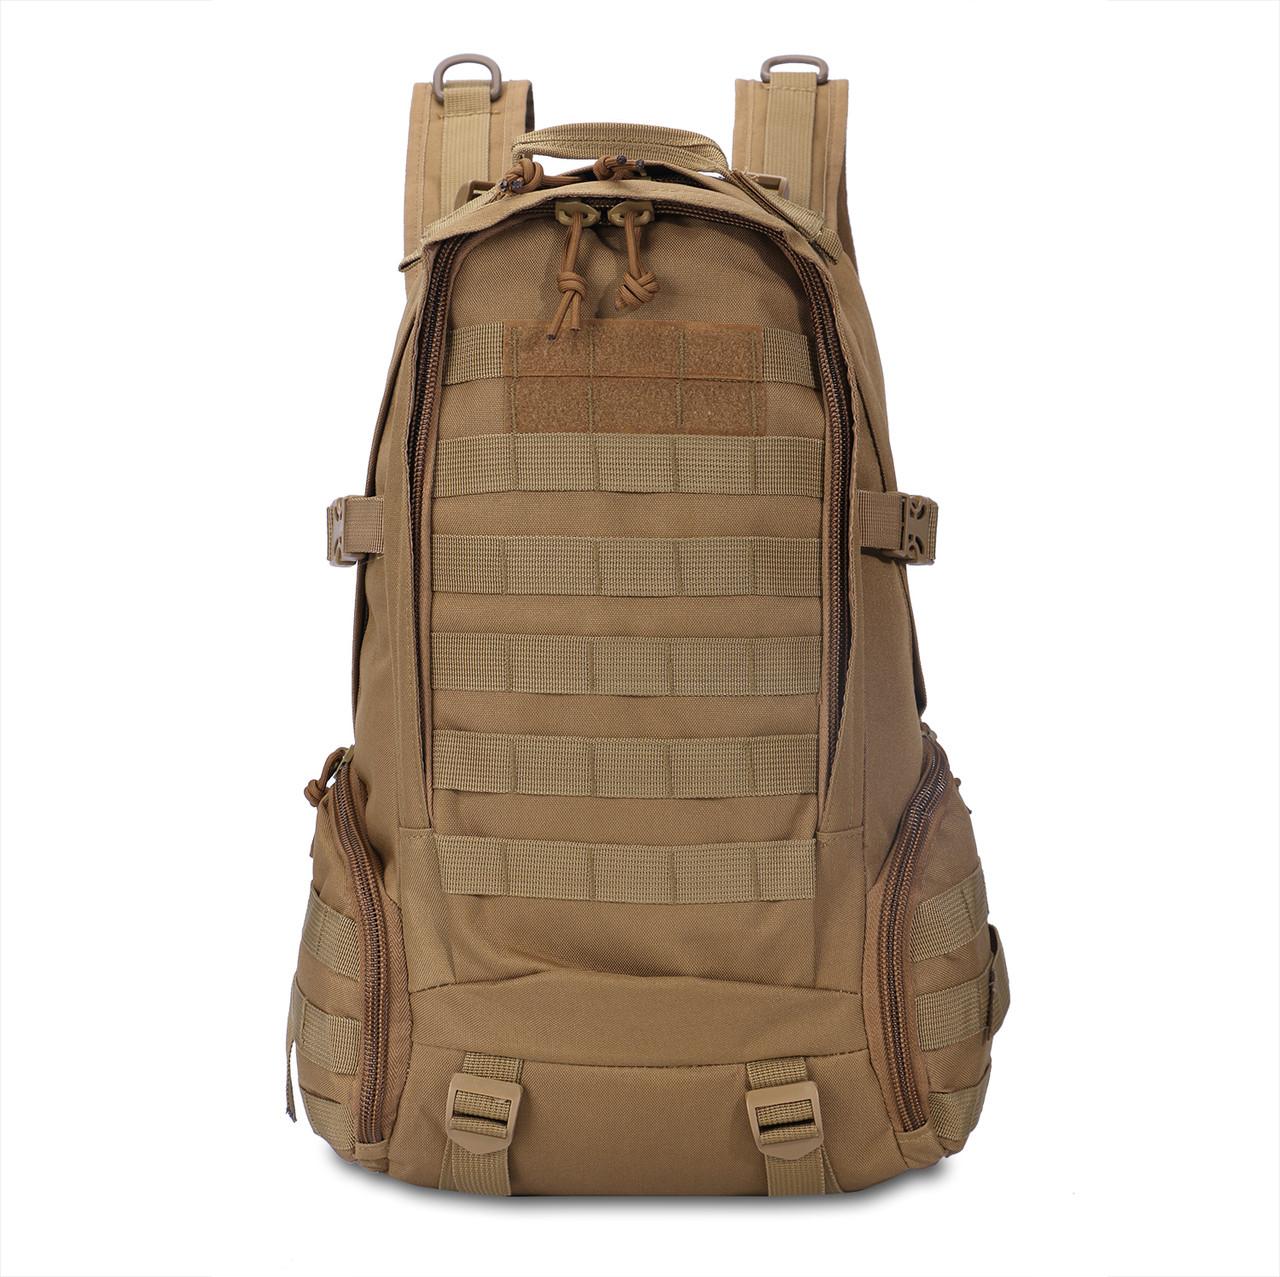 Тактичний рюкзак 27 л. D-800. Койот